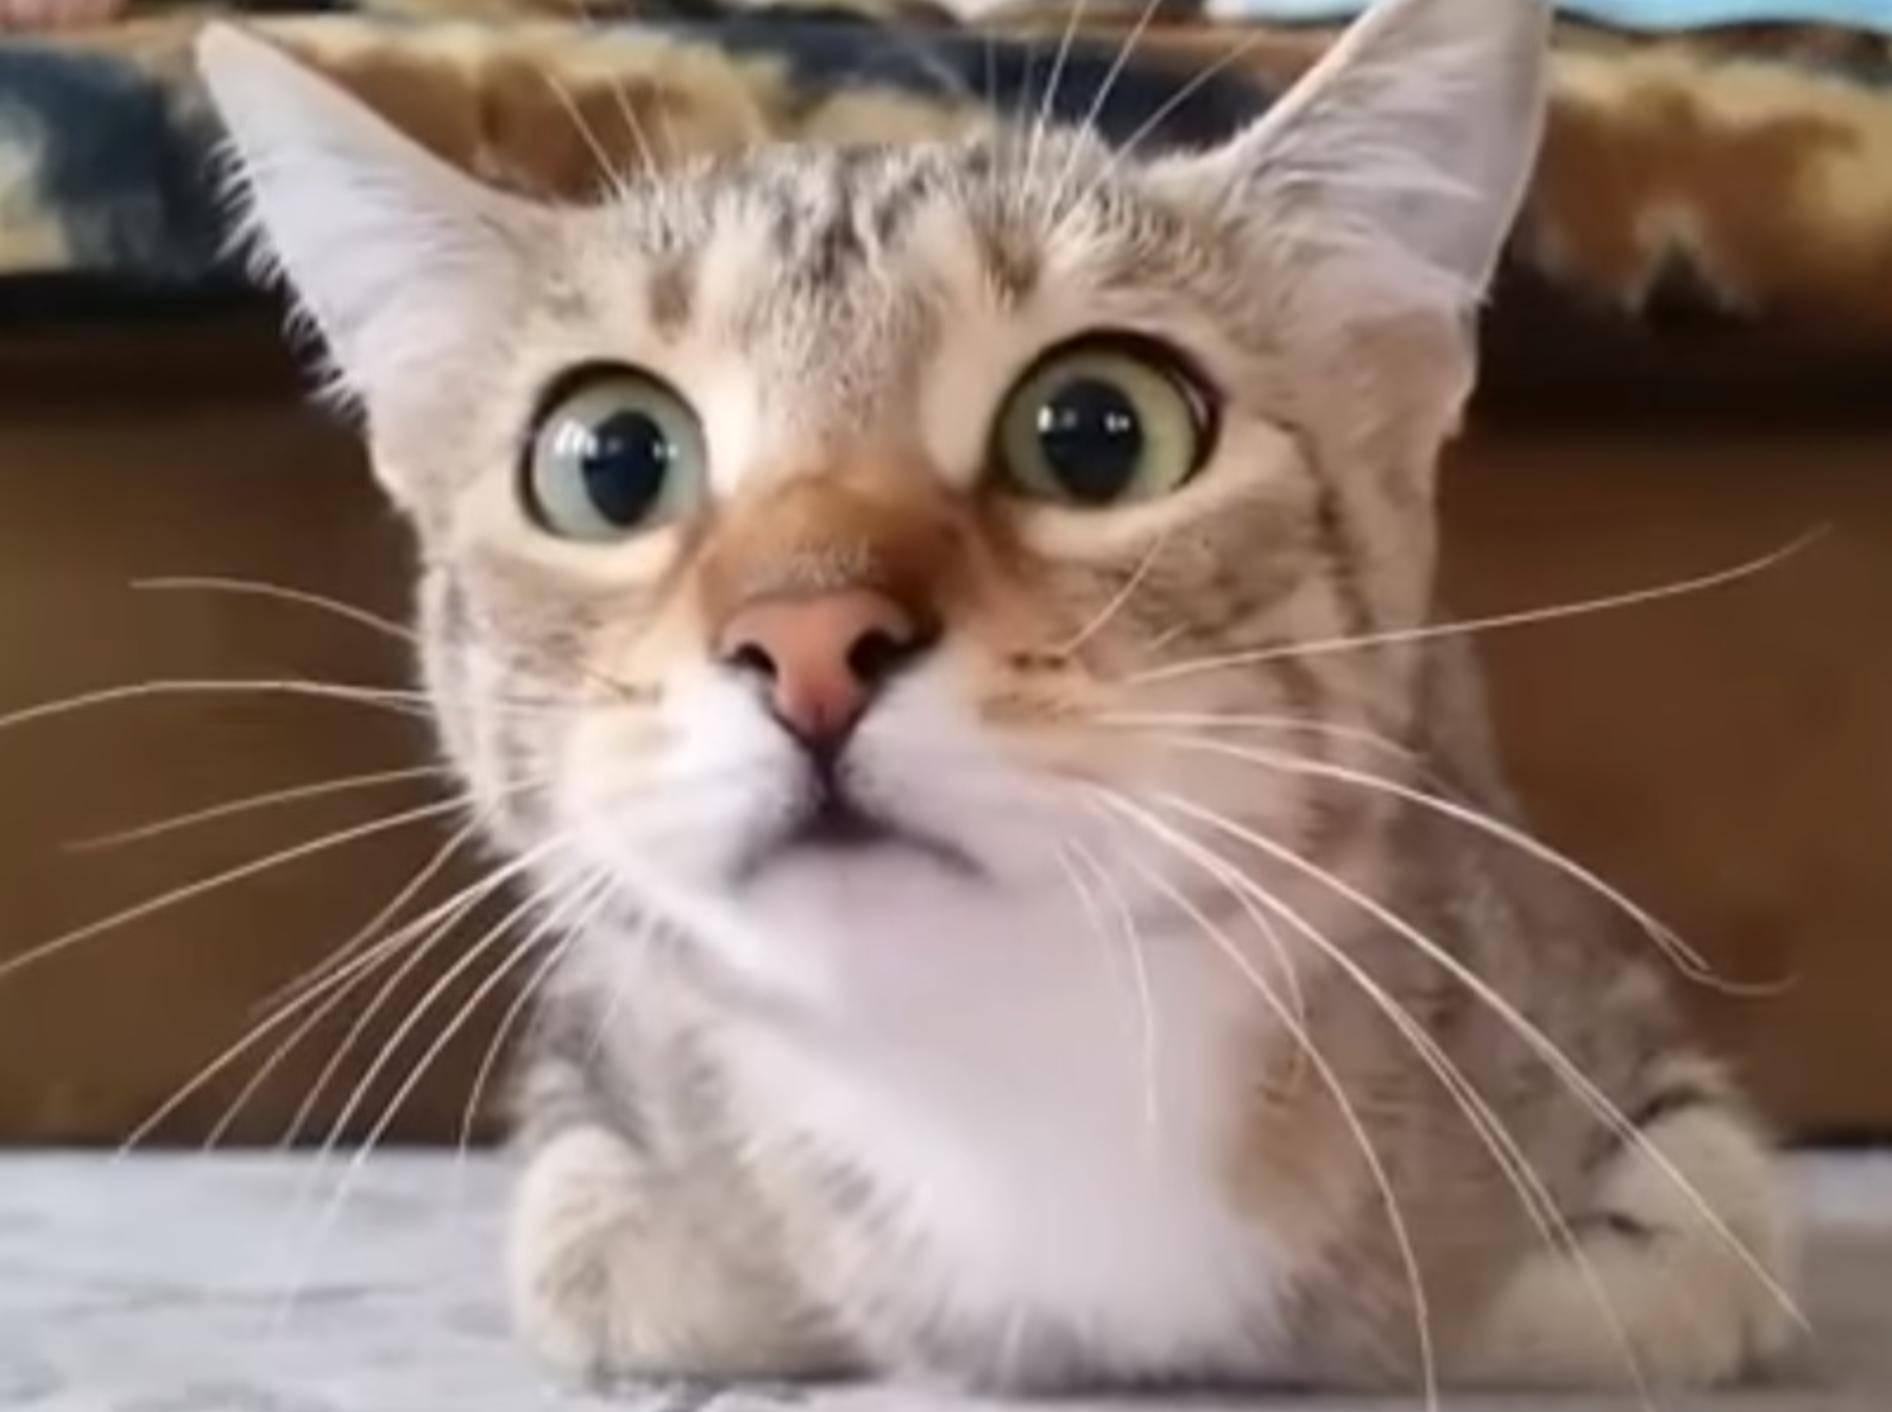 Katze guckt Gruselfilm und findet's spannend – Youtube / RM Videos